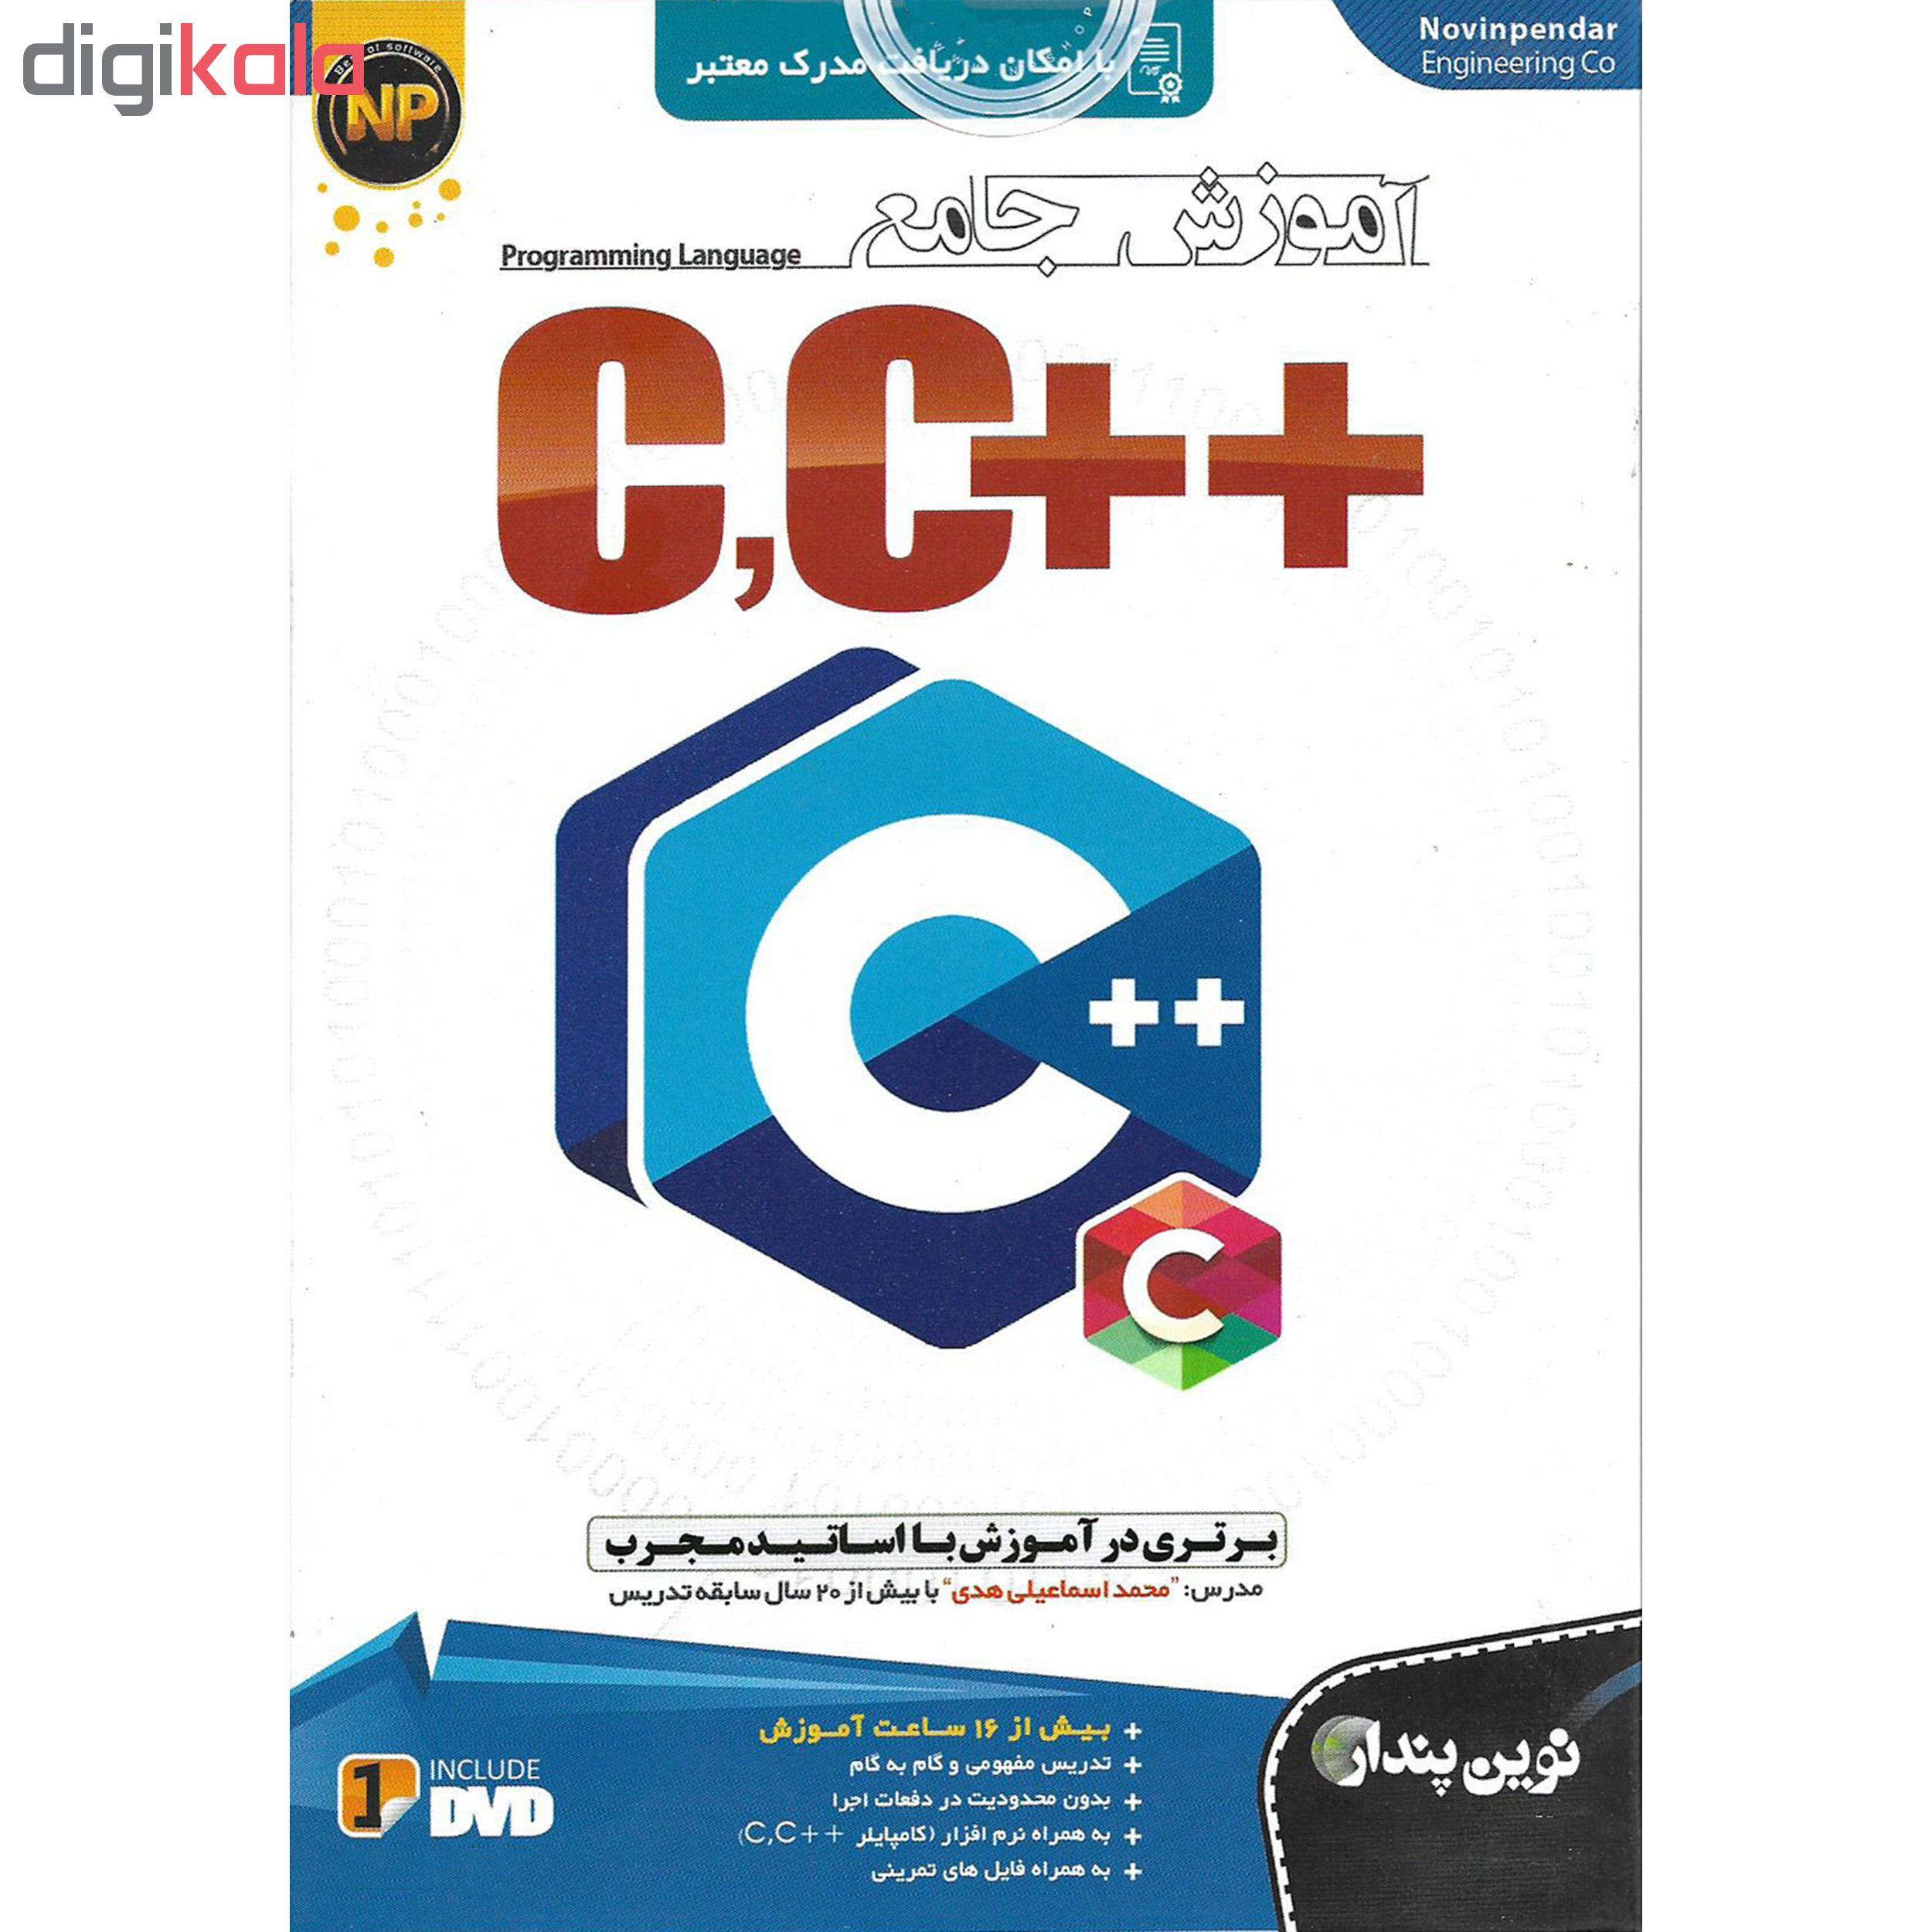 نرم افزار آموزش ++C,C نشر نوین پندار به همراه نرم افزار آموزش پروژه های عملی سی شارپ #C نشر پدیا سافت